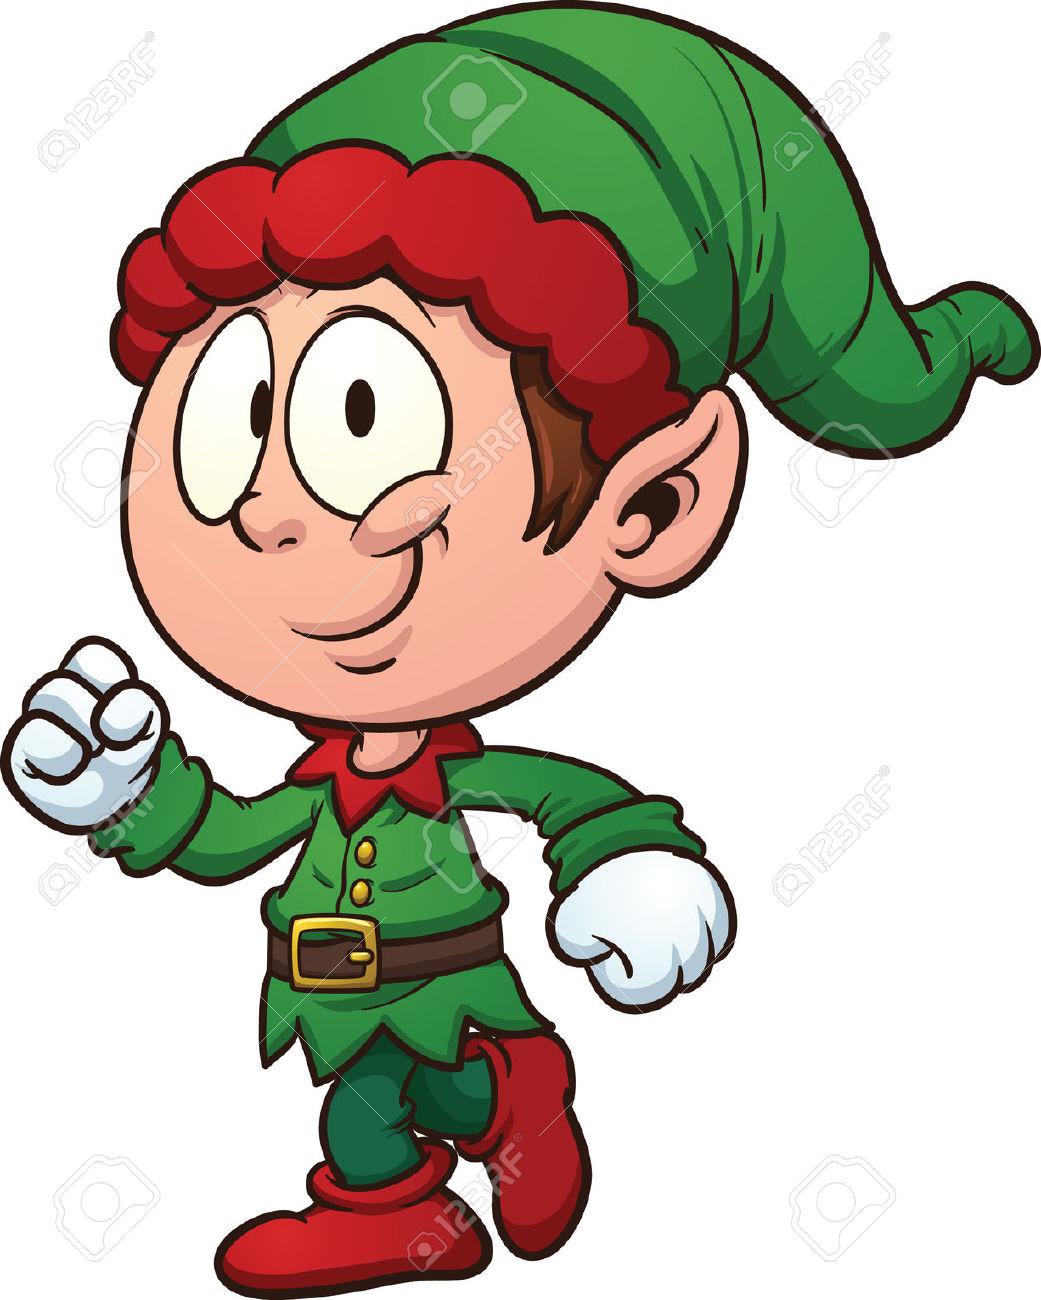 1041x1300 Animated Christmas Elves Clipart